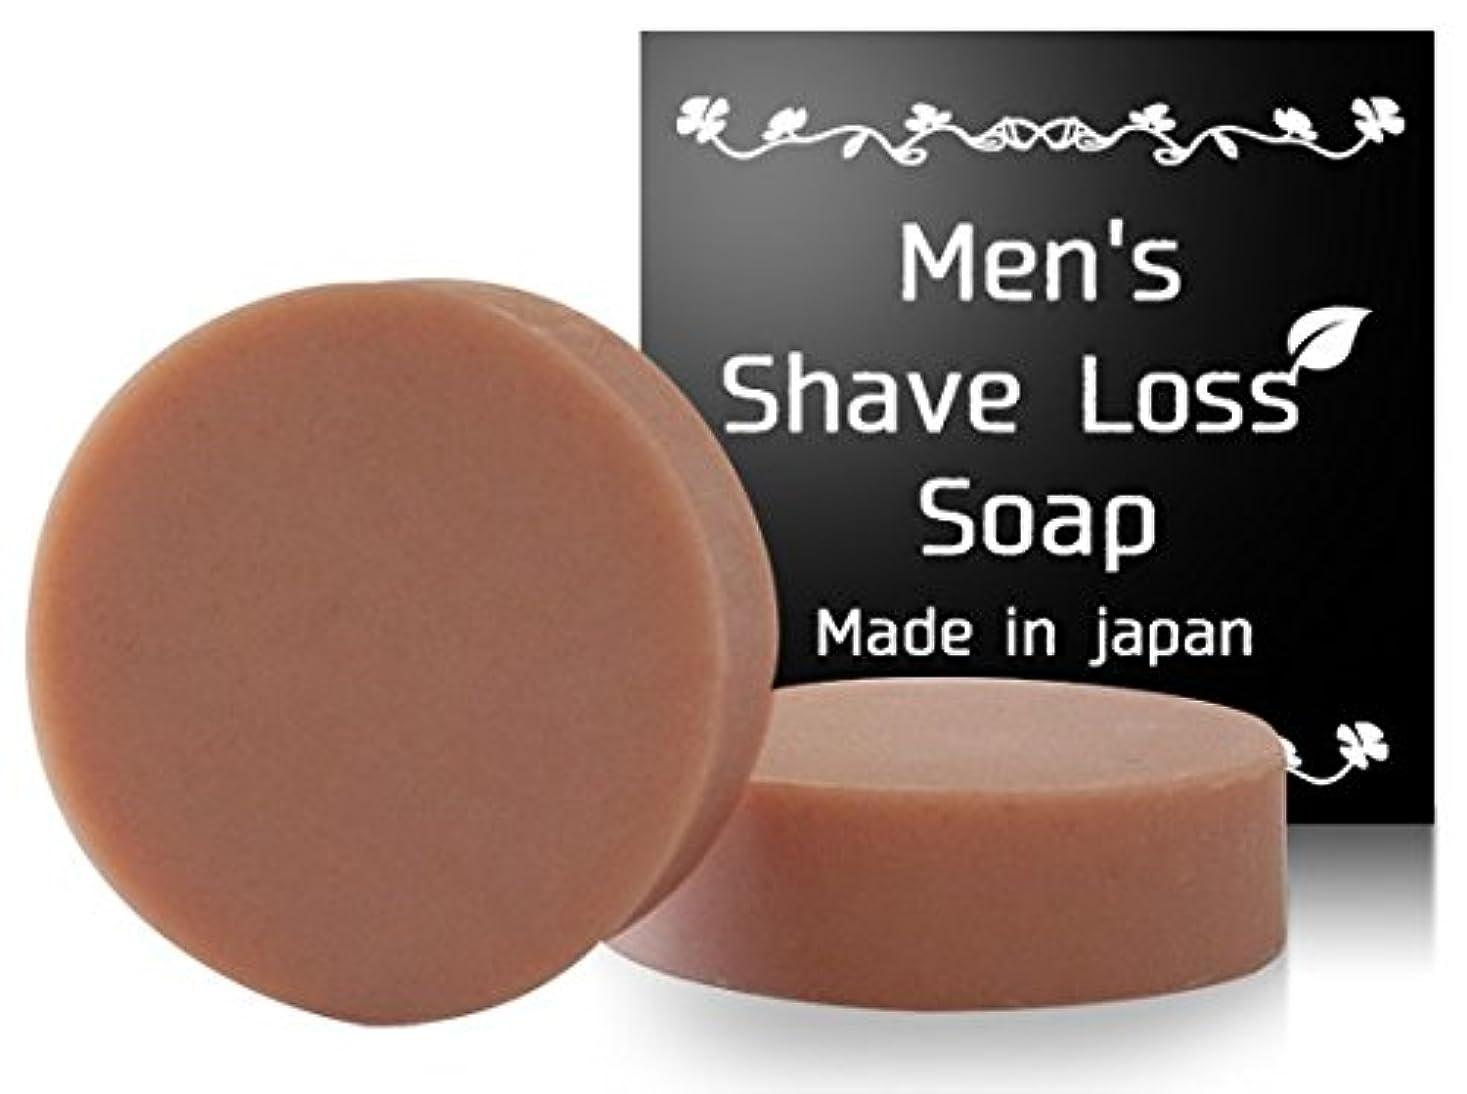 たくさんのもちろん仕出しますMens Shave Loss Soap シェーブロス 剛毛は嫌!ツルツル過ぎも嫌! そんな夢を叶えた奇跡の石鹸! 【男性専用】(1個)